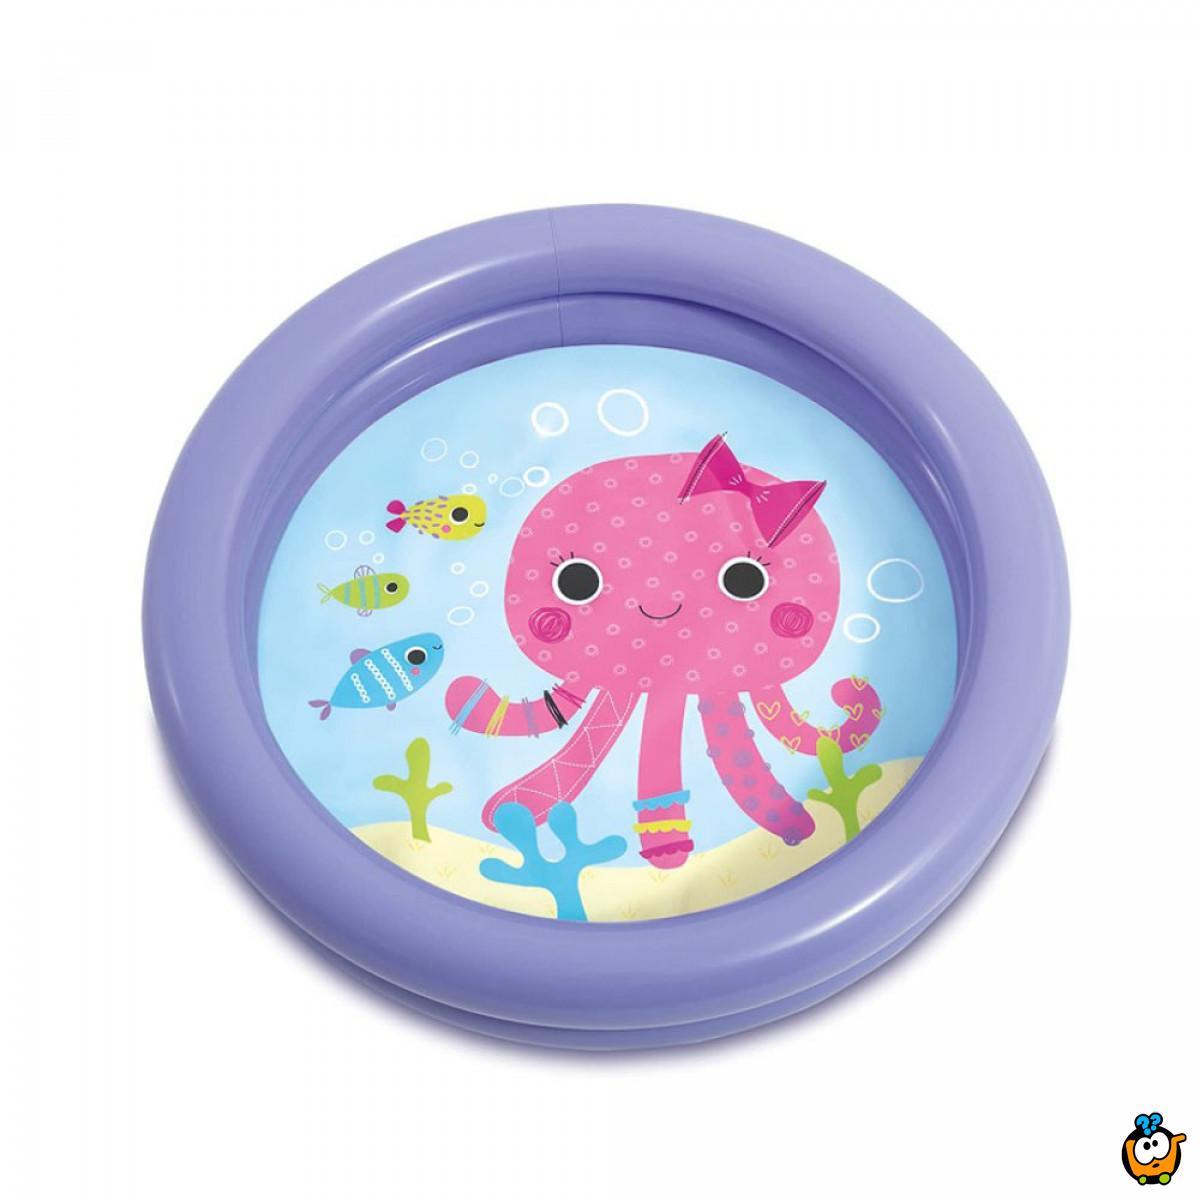 INTEX 59409NP/EP Classic baby pool - Plitak bazen za bebe vedrih boja